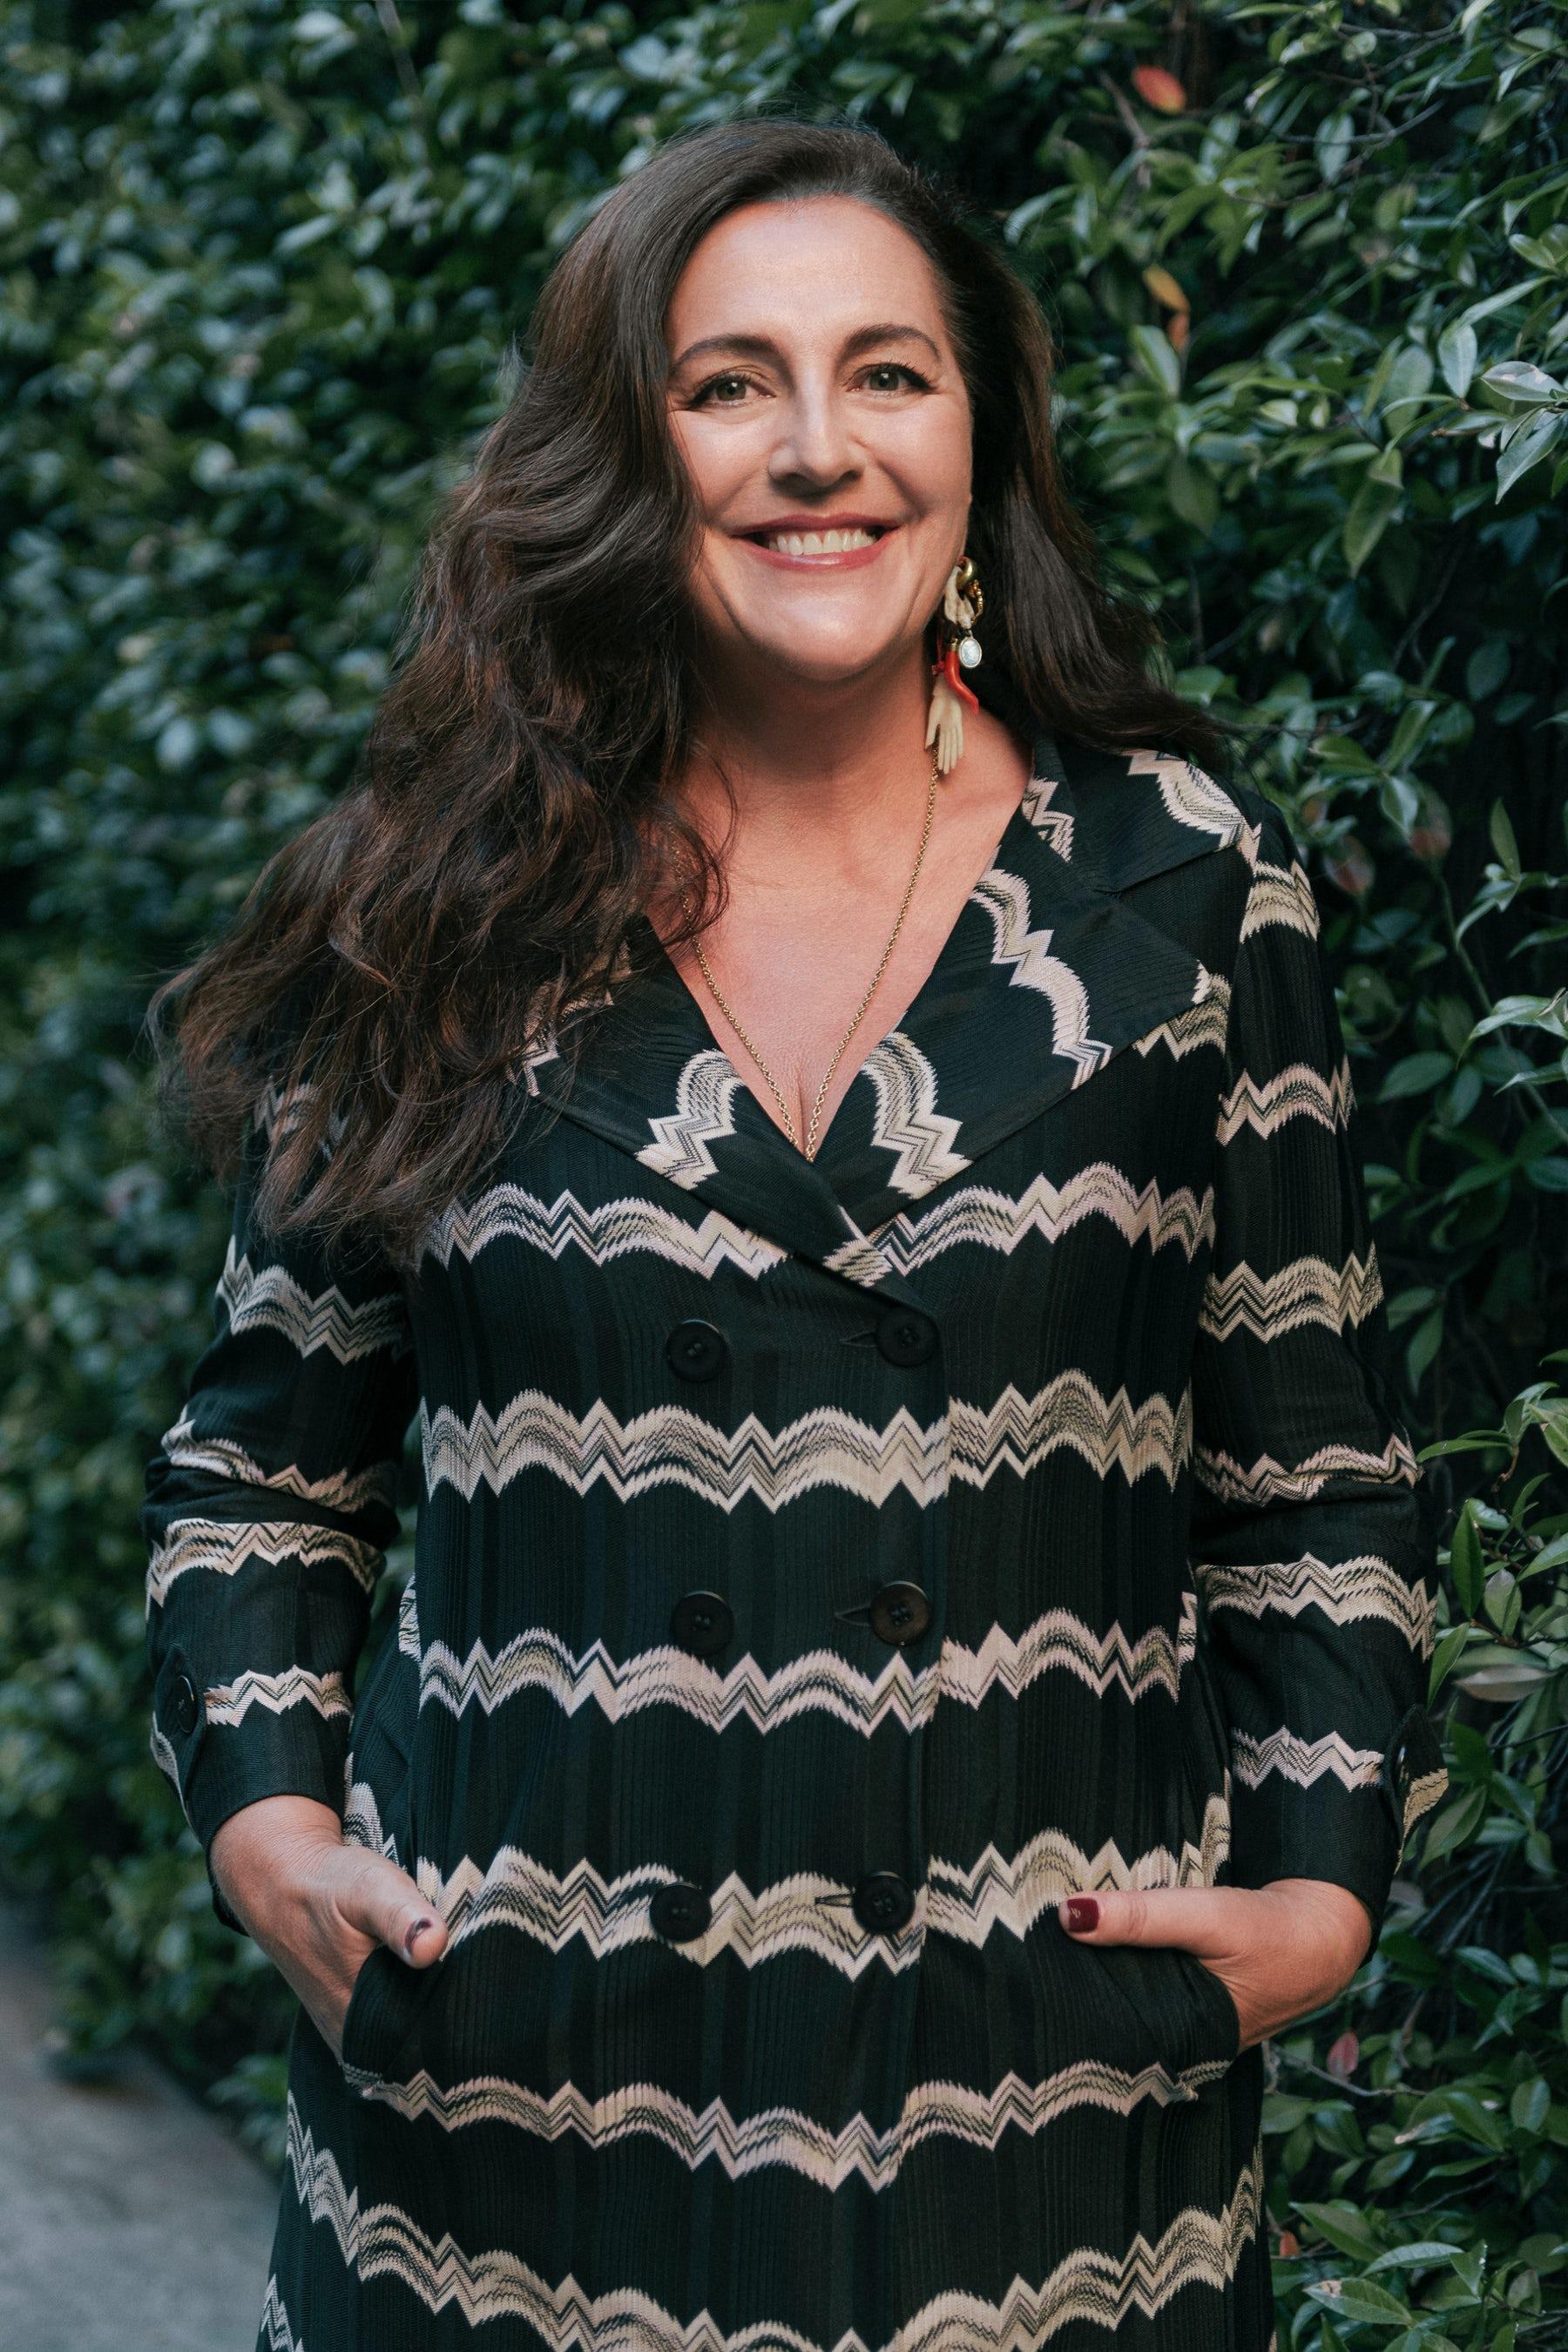 安吉拉·米索尼(Angela Missoni)将从以她的家族名字命名的米兰品牌的设计职责上退下来。西蒙Lezzi。